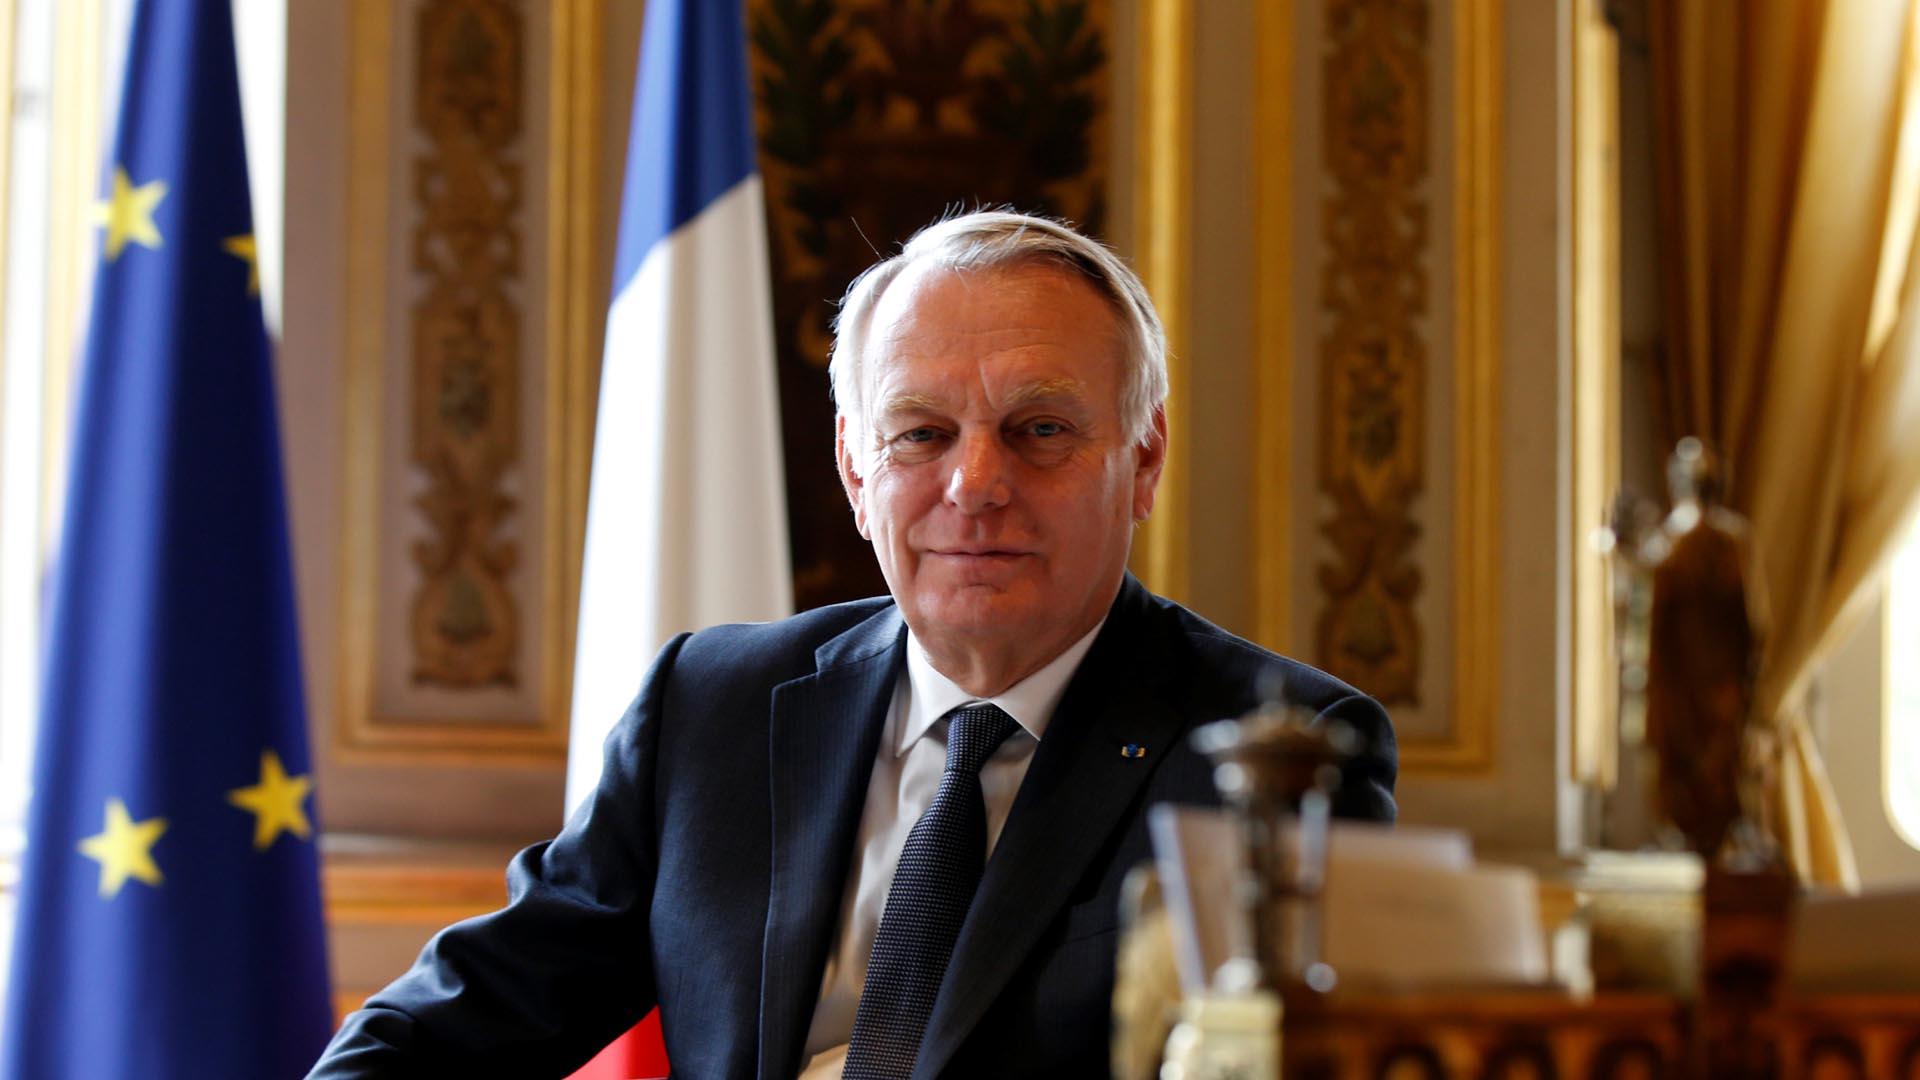 El ministro francés de Relaciones Exteriores, Jean-Marc Ayrault visitará Cisjordania para hablar con su homologo israelí